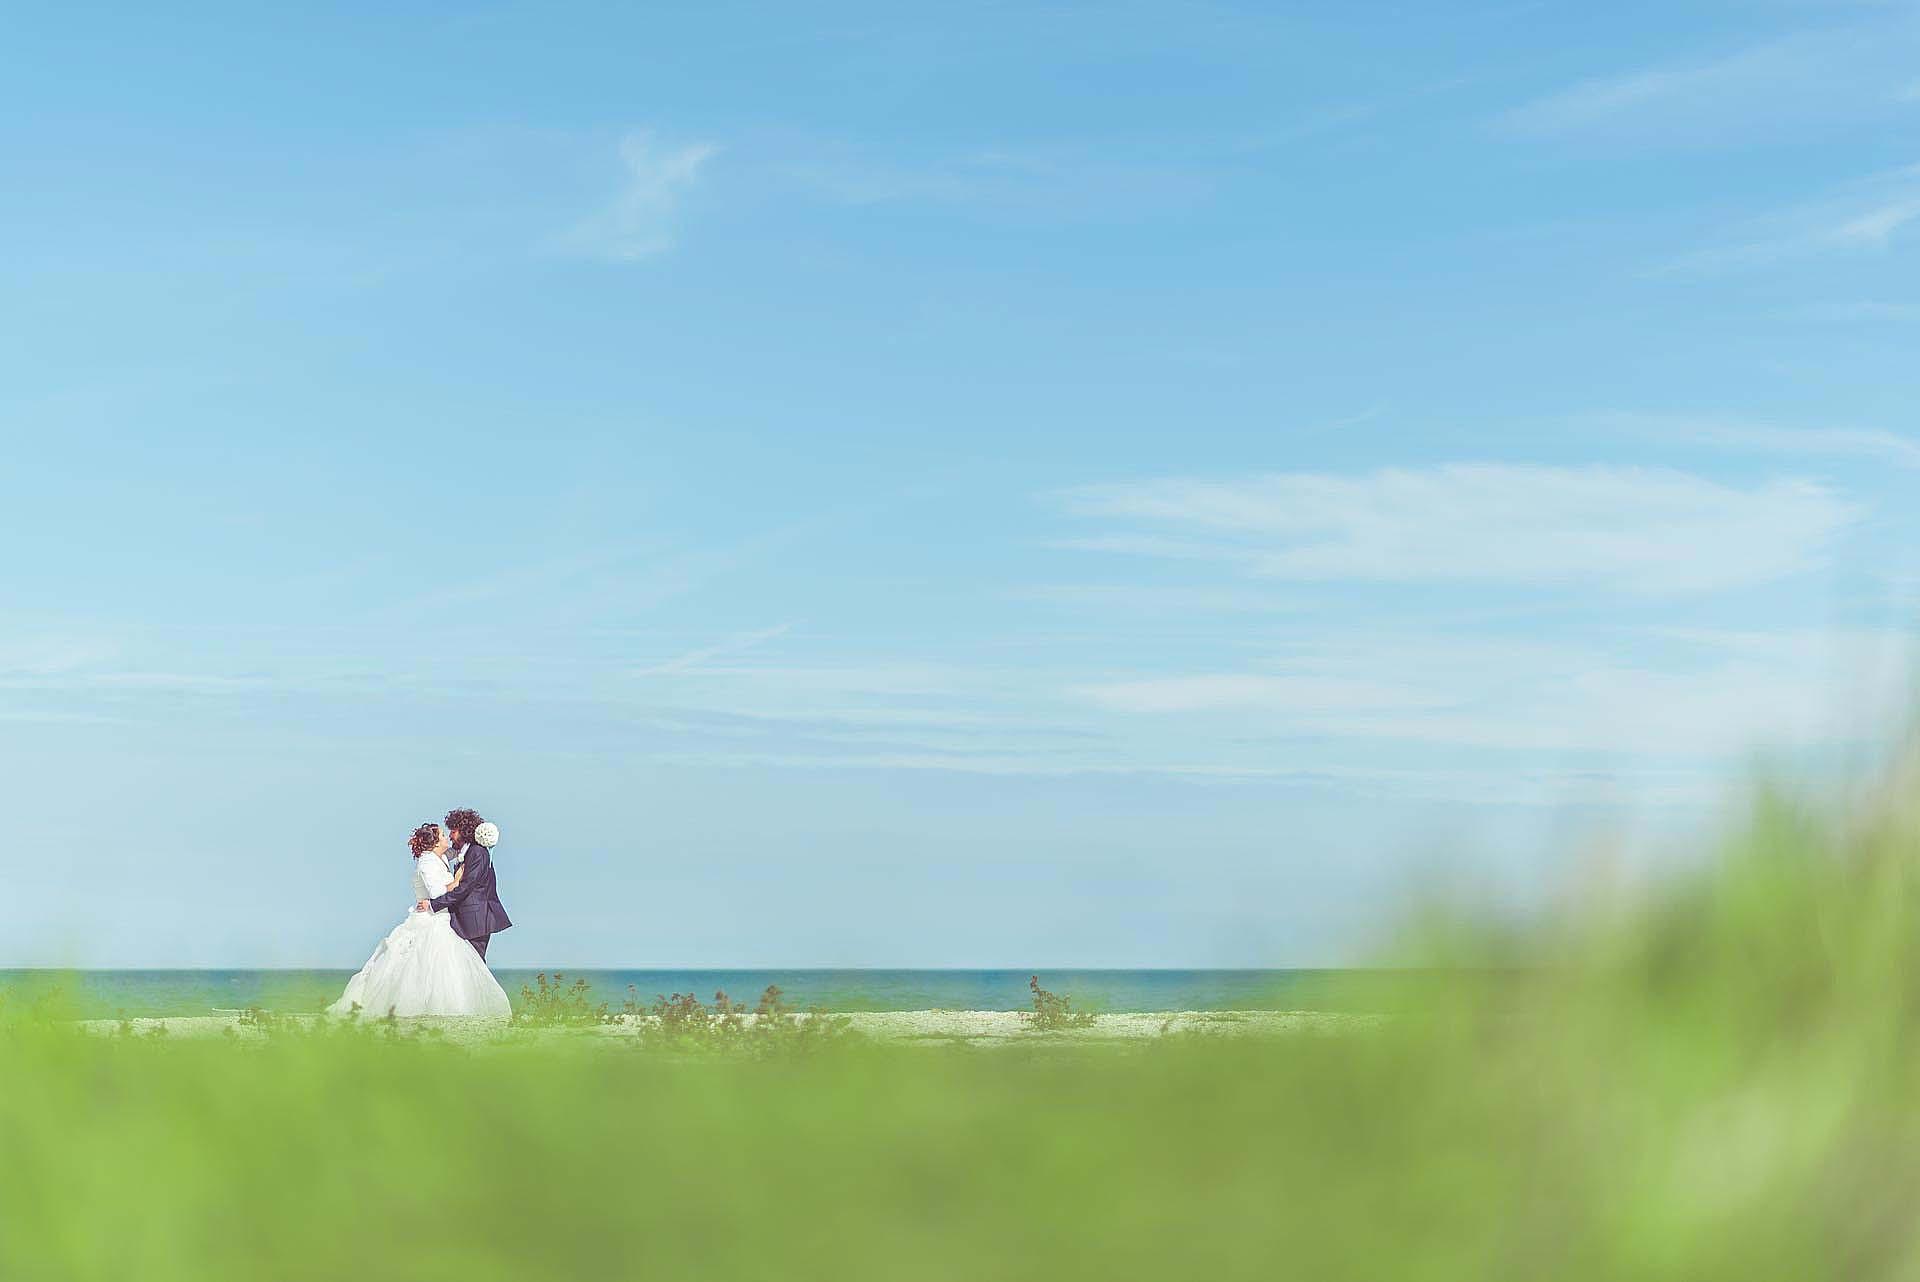 foto-ritratti-matrimonio-roma-7